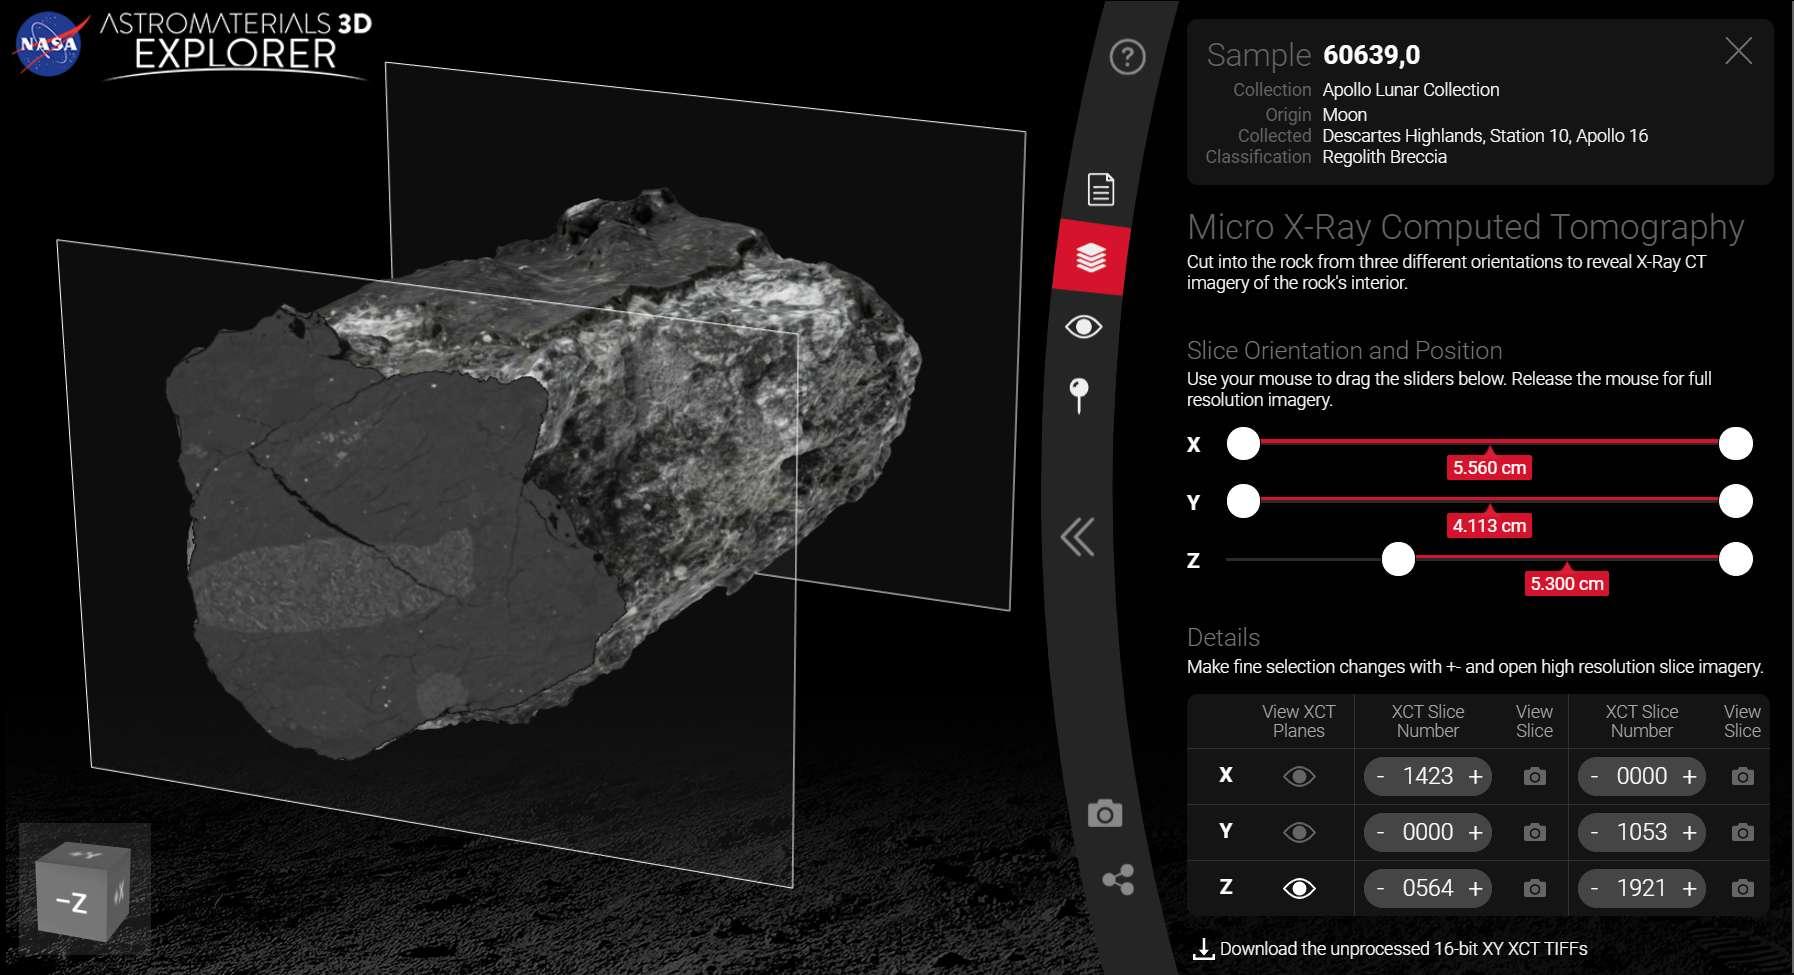 Les photographies extérieures et les scanners de l'intérieur de la roche ont été « fusionnés » pour créer un objet numérique unique. © Nasa